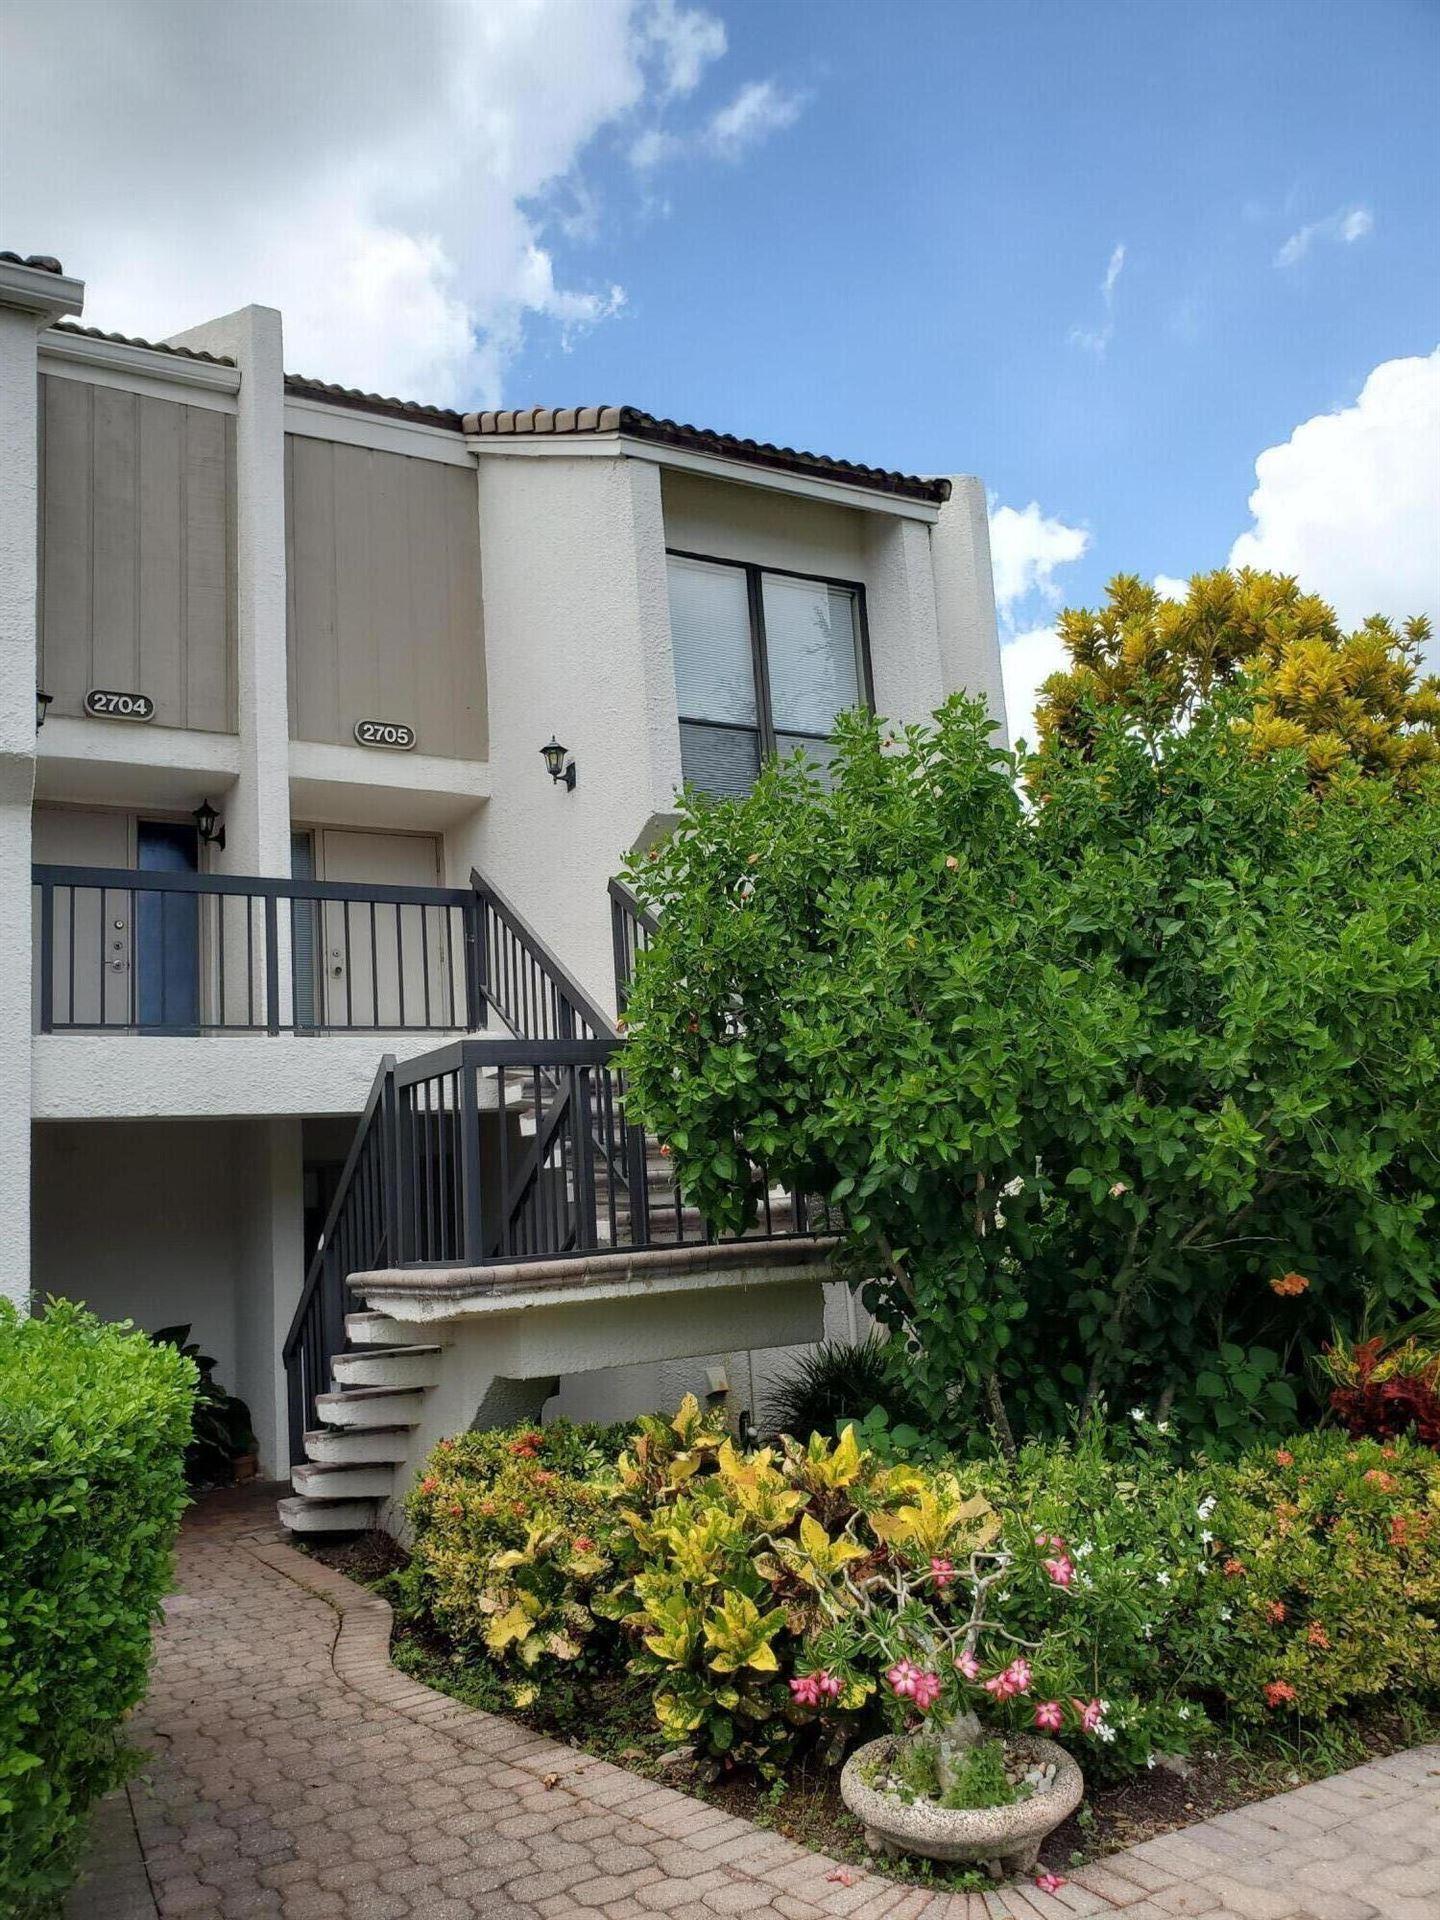 2703 Bridgewood Drive #2703, Boca Raton, FL 33434 - MLS#: RX-10751925